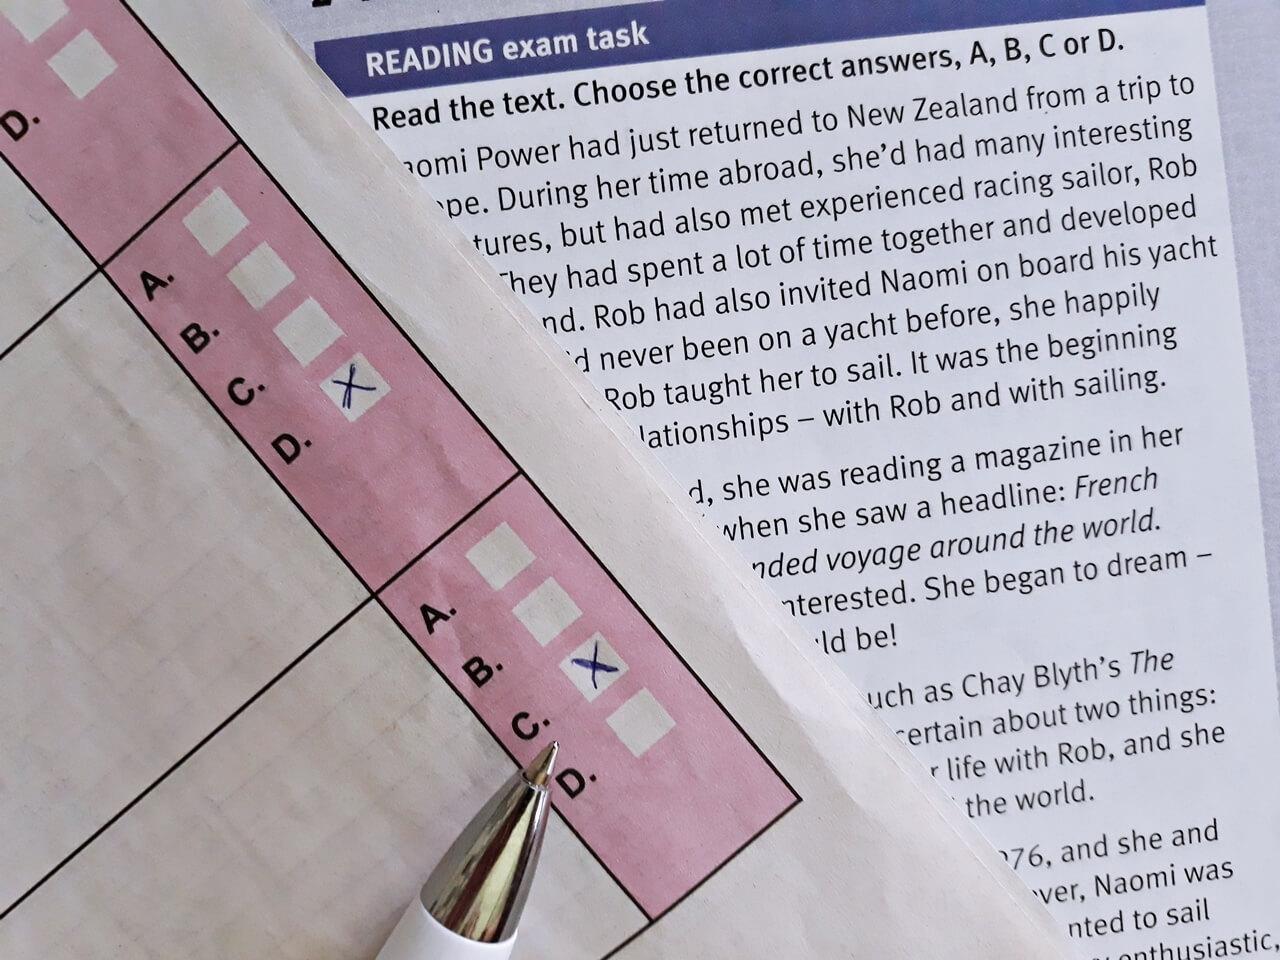 [Matura '21] Ispit iz Engleskog sastoji se od tri cjeline, a jedna je lani zadavala posebne muke maturantima